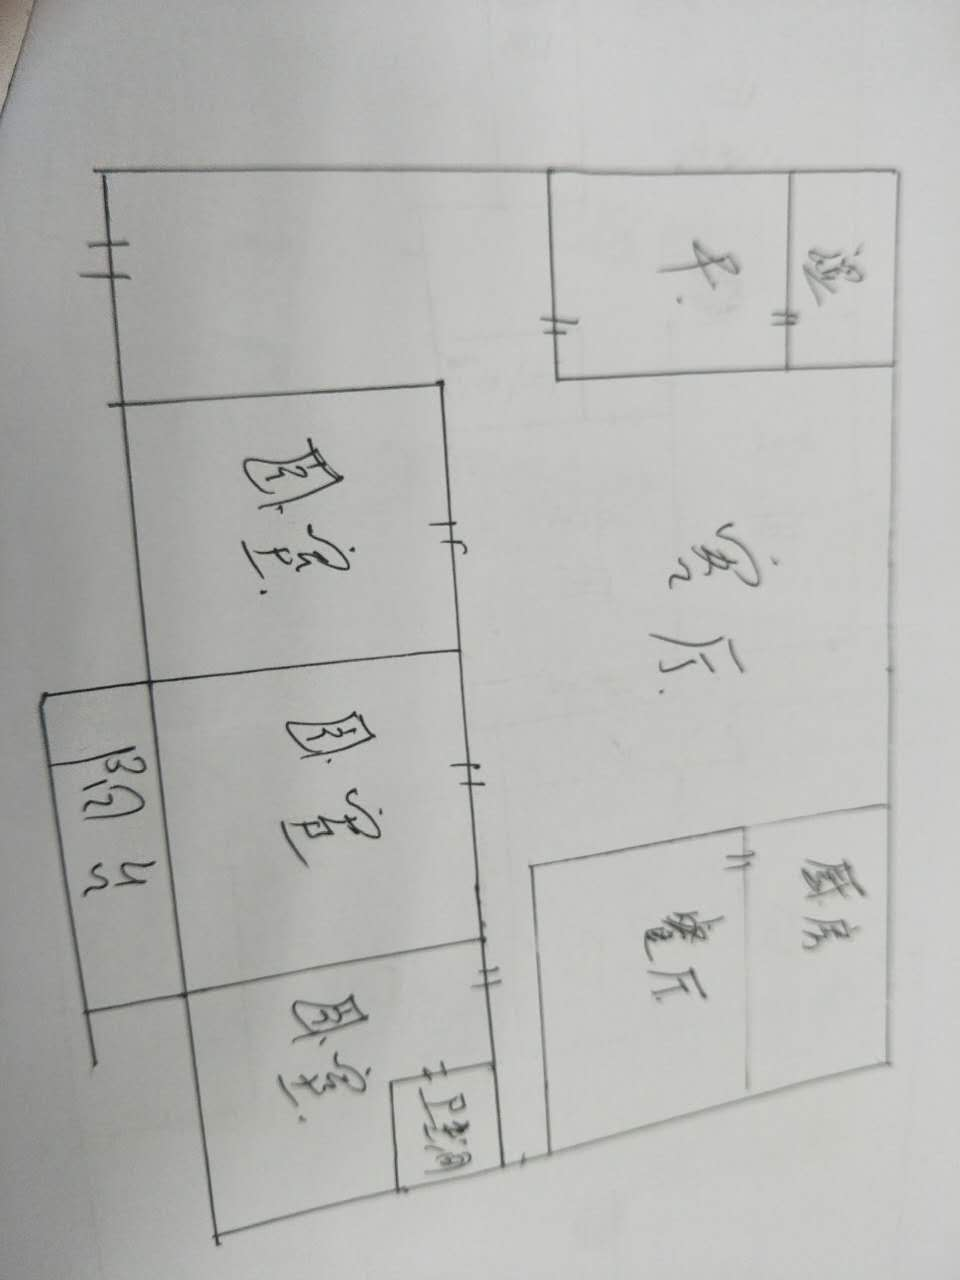 检查院宿舍 3室2厅 1楼